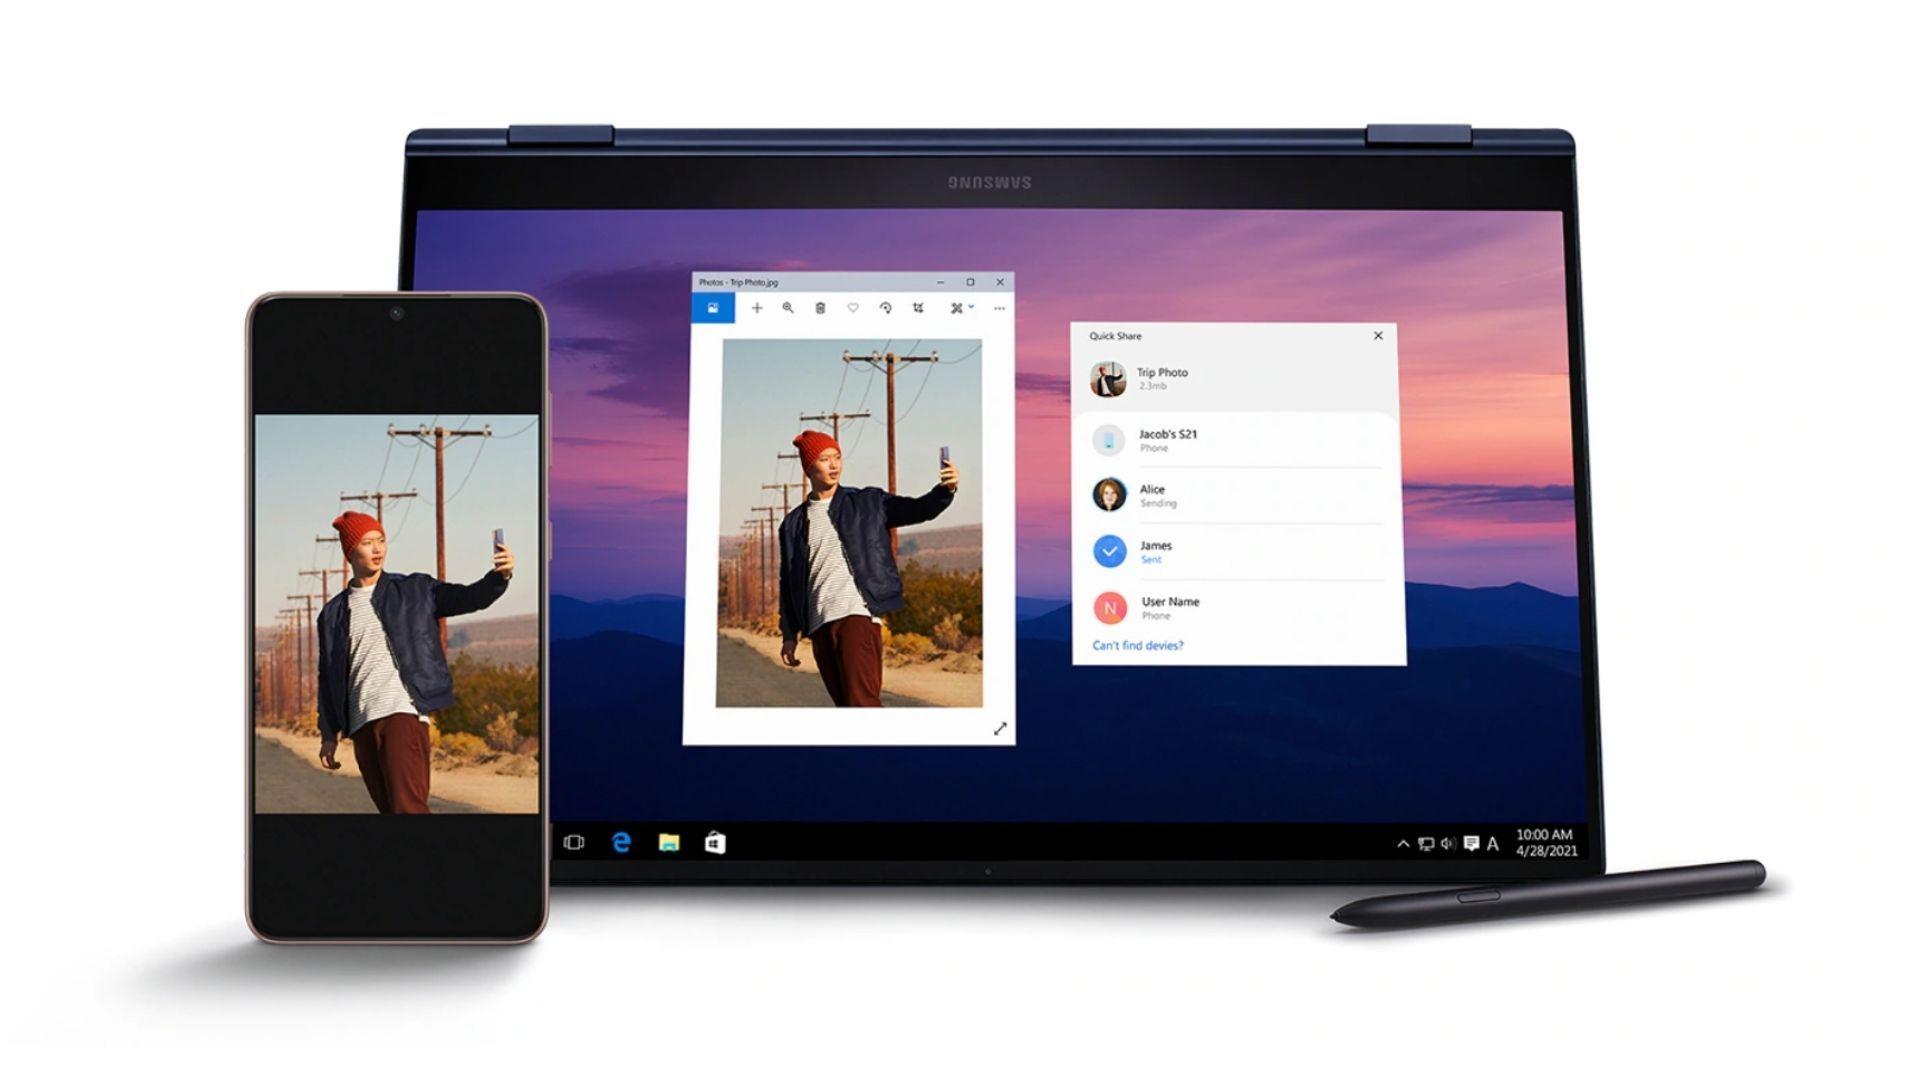 Telefone Samsung Galaxy ao lado do Galaxy Book 360, ambos mostrando a mesma foto de um homem com S Pen no fundo branco